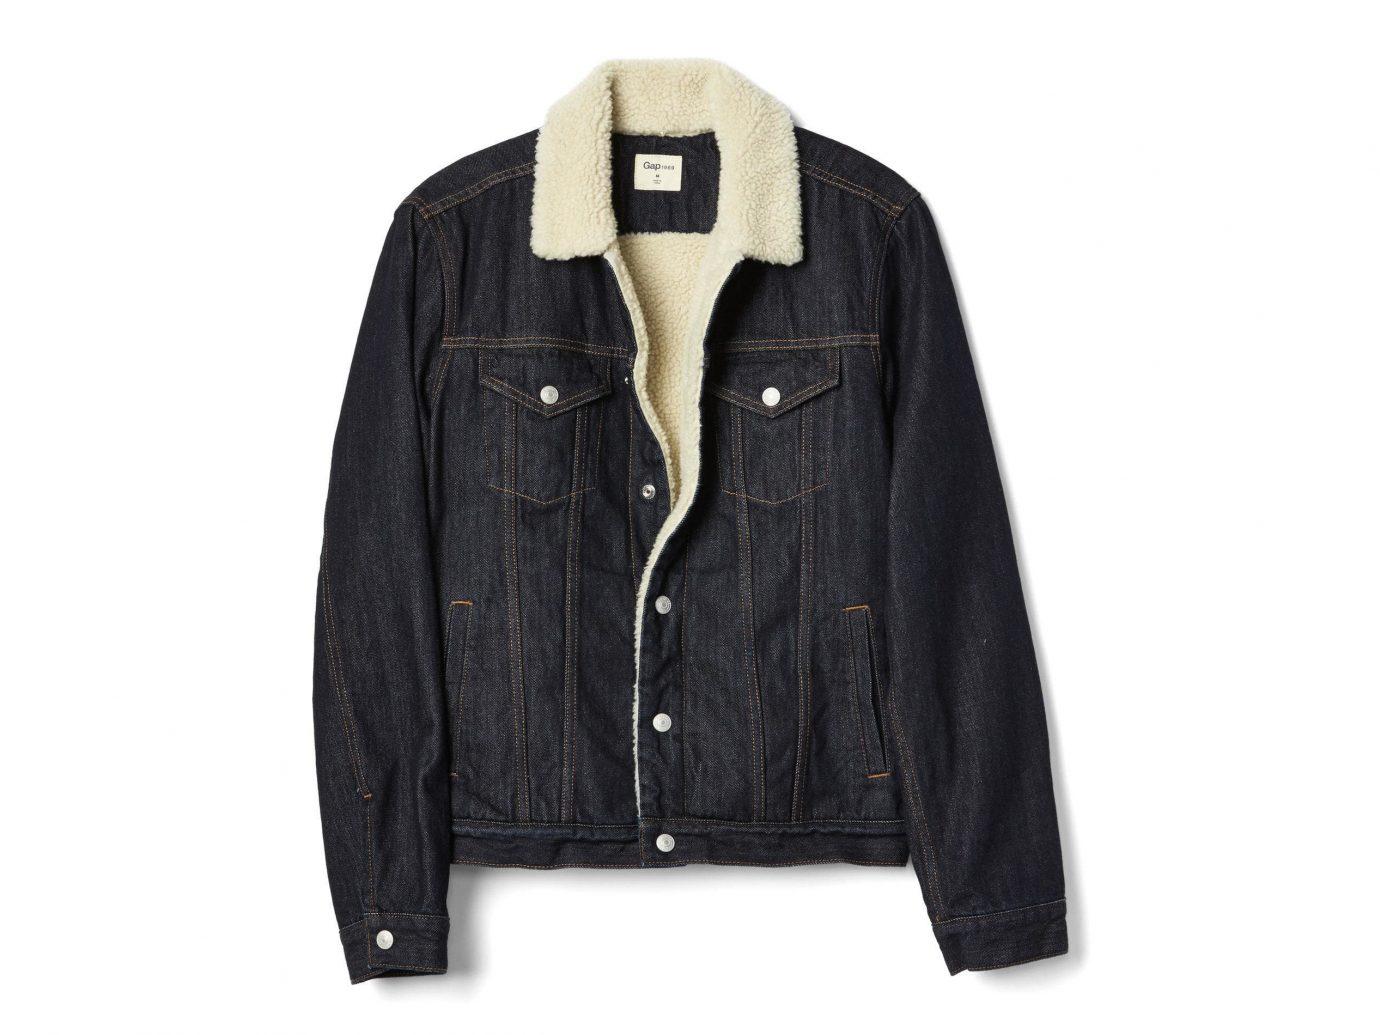 Travel Shop Travel Tips clothing jacket suit wearing black denim leather jacket sleeve product leather pocket coat